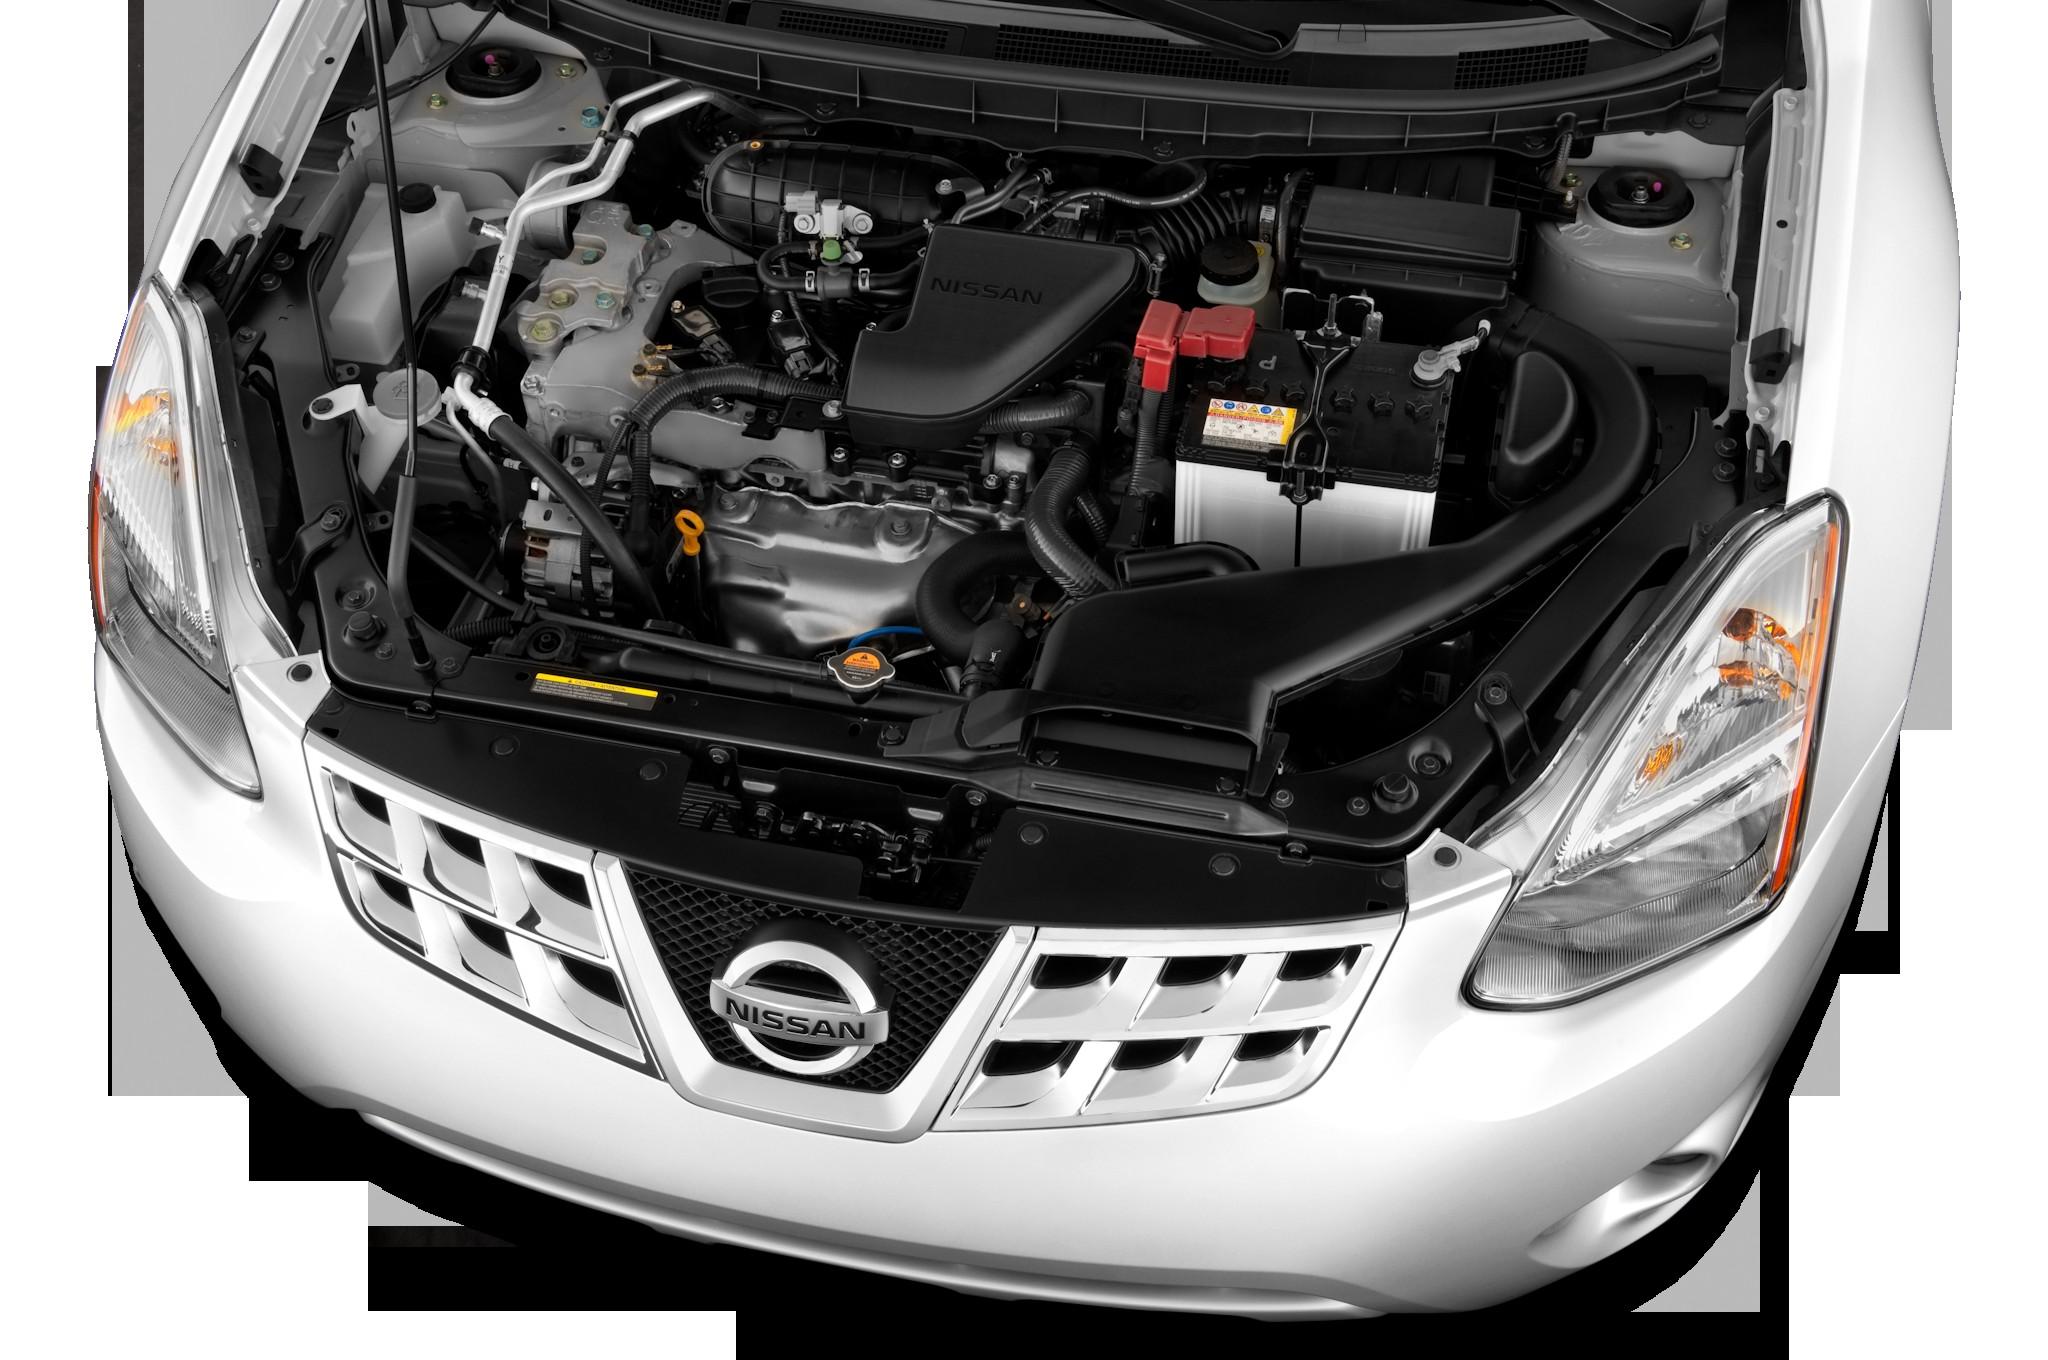 nissan leaf engine diagram nissan reveals leaf ev order process sees rh detoxicrecenze com Nissan Titan Engine Diagram Nissan Altima Engine Diagram